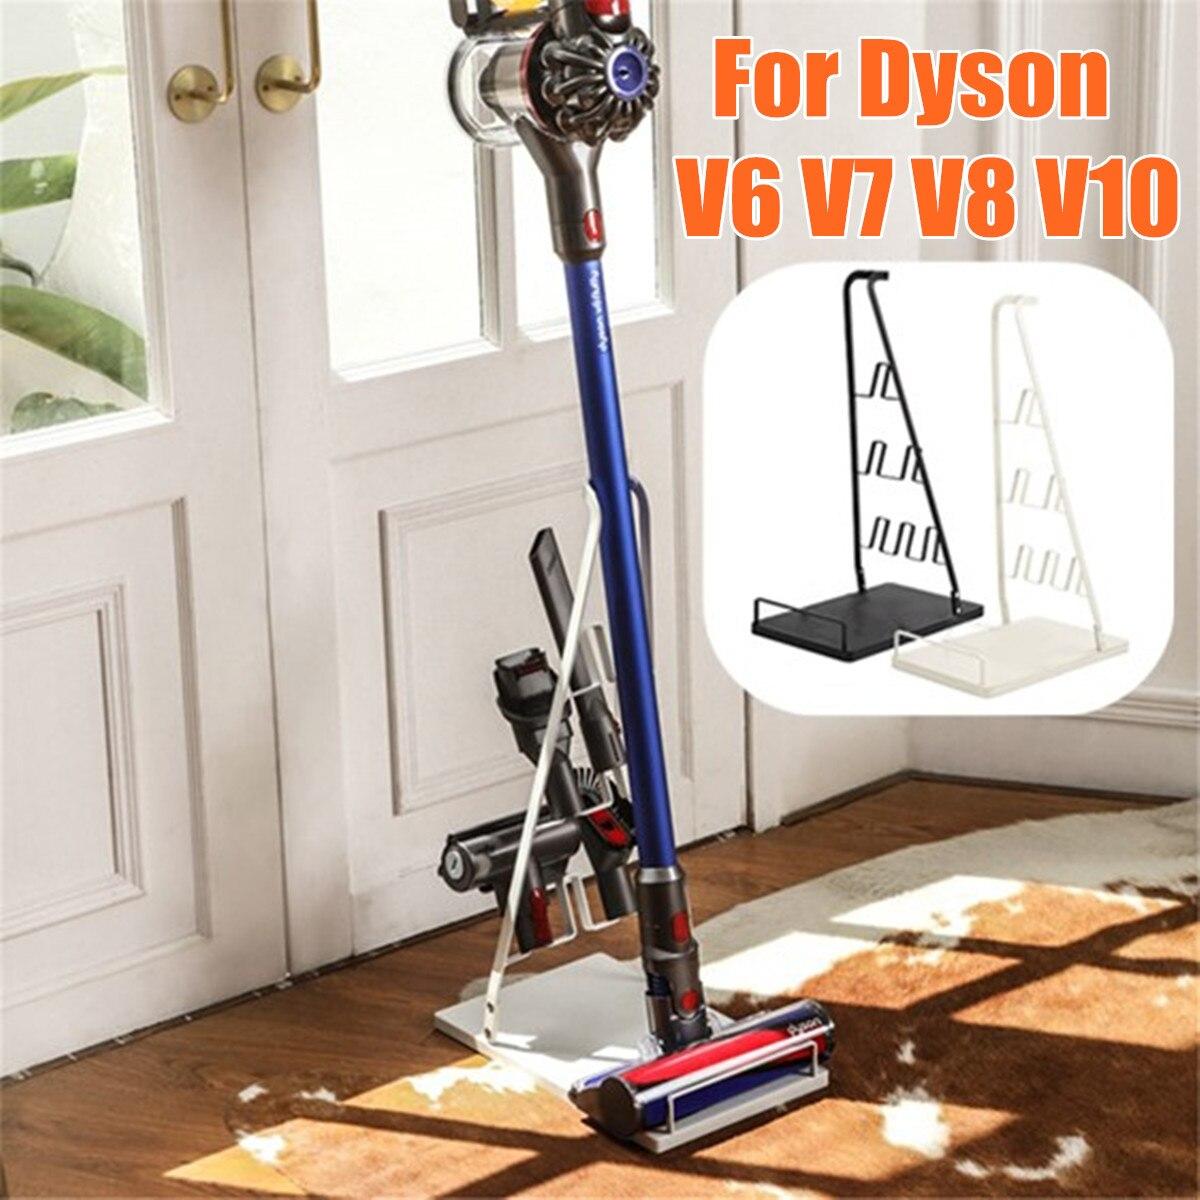 Support d'aspirateur de stockage en métal support de Station d'accueil outils support de sol pour aspirateur sans fil Dyson V6 V7 V8 V10